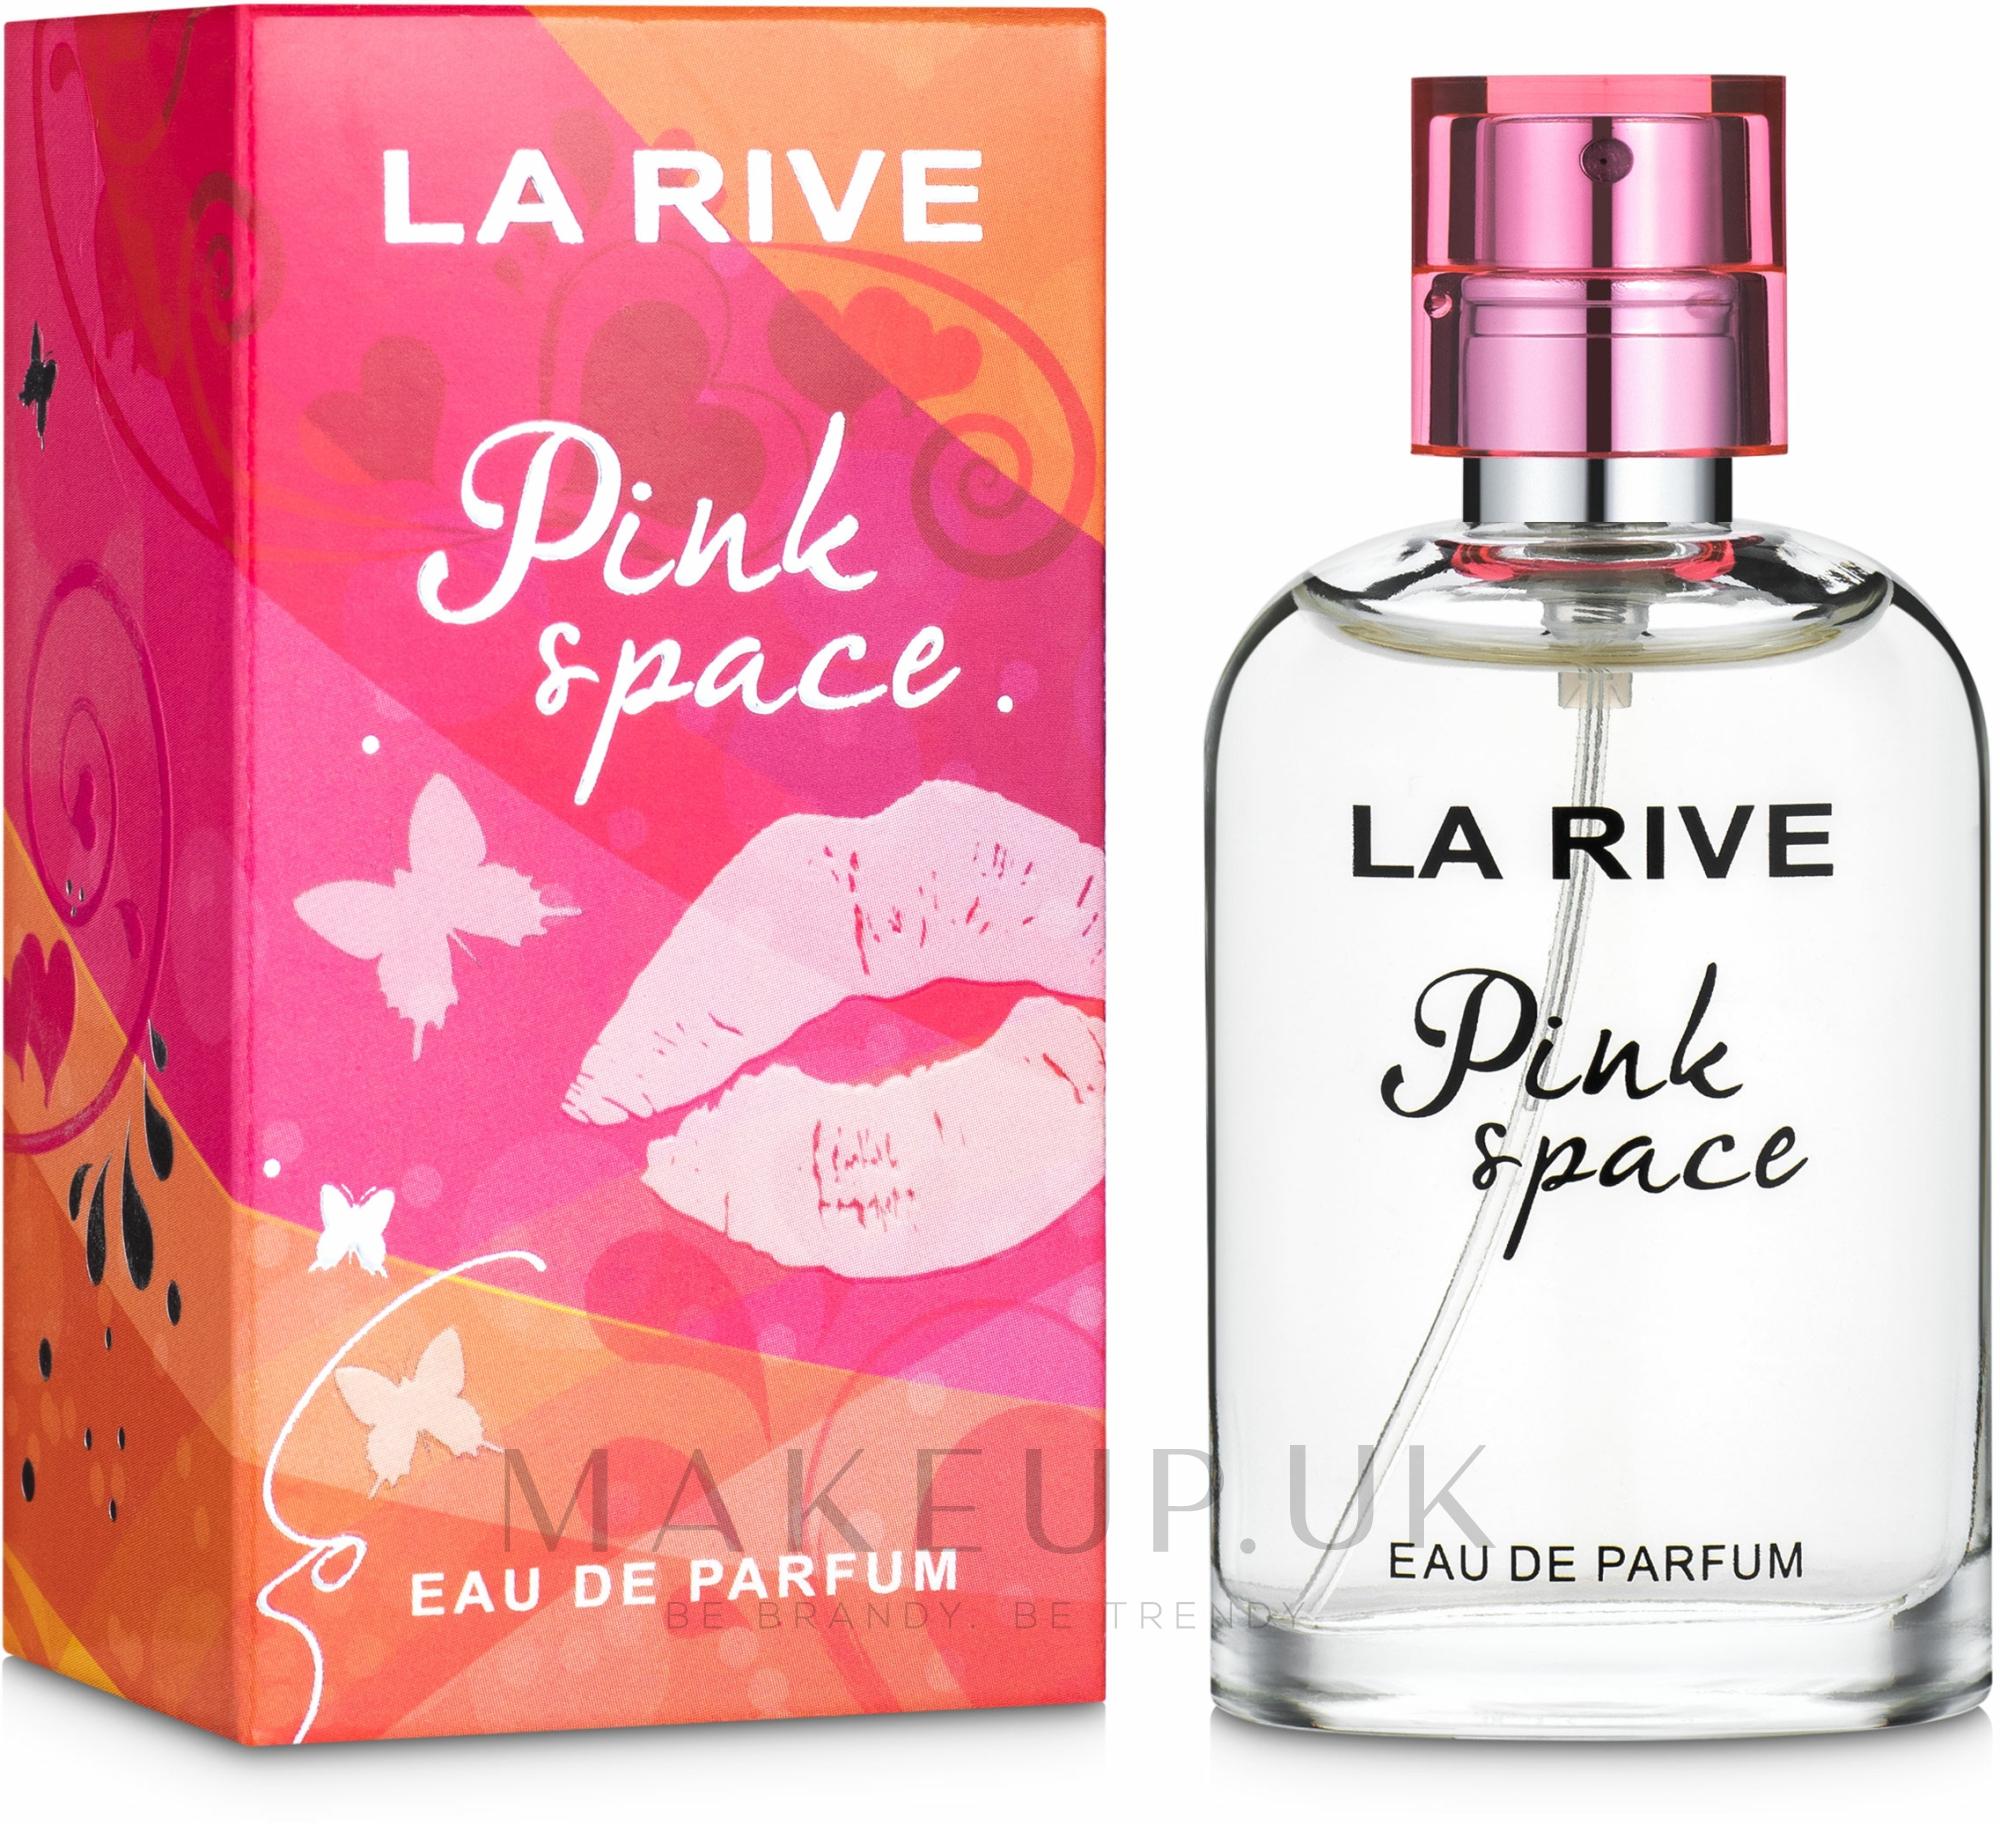 La Rive Pink Space - Eau de Parfum — photo 30 ml